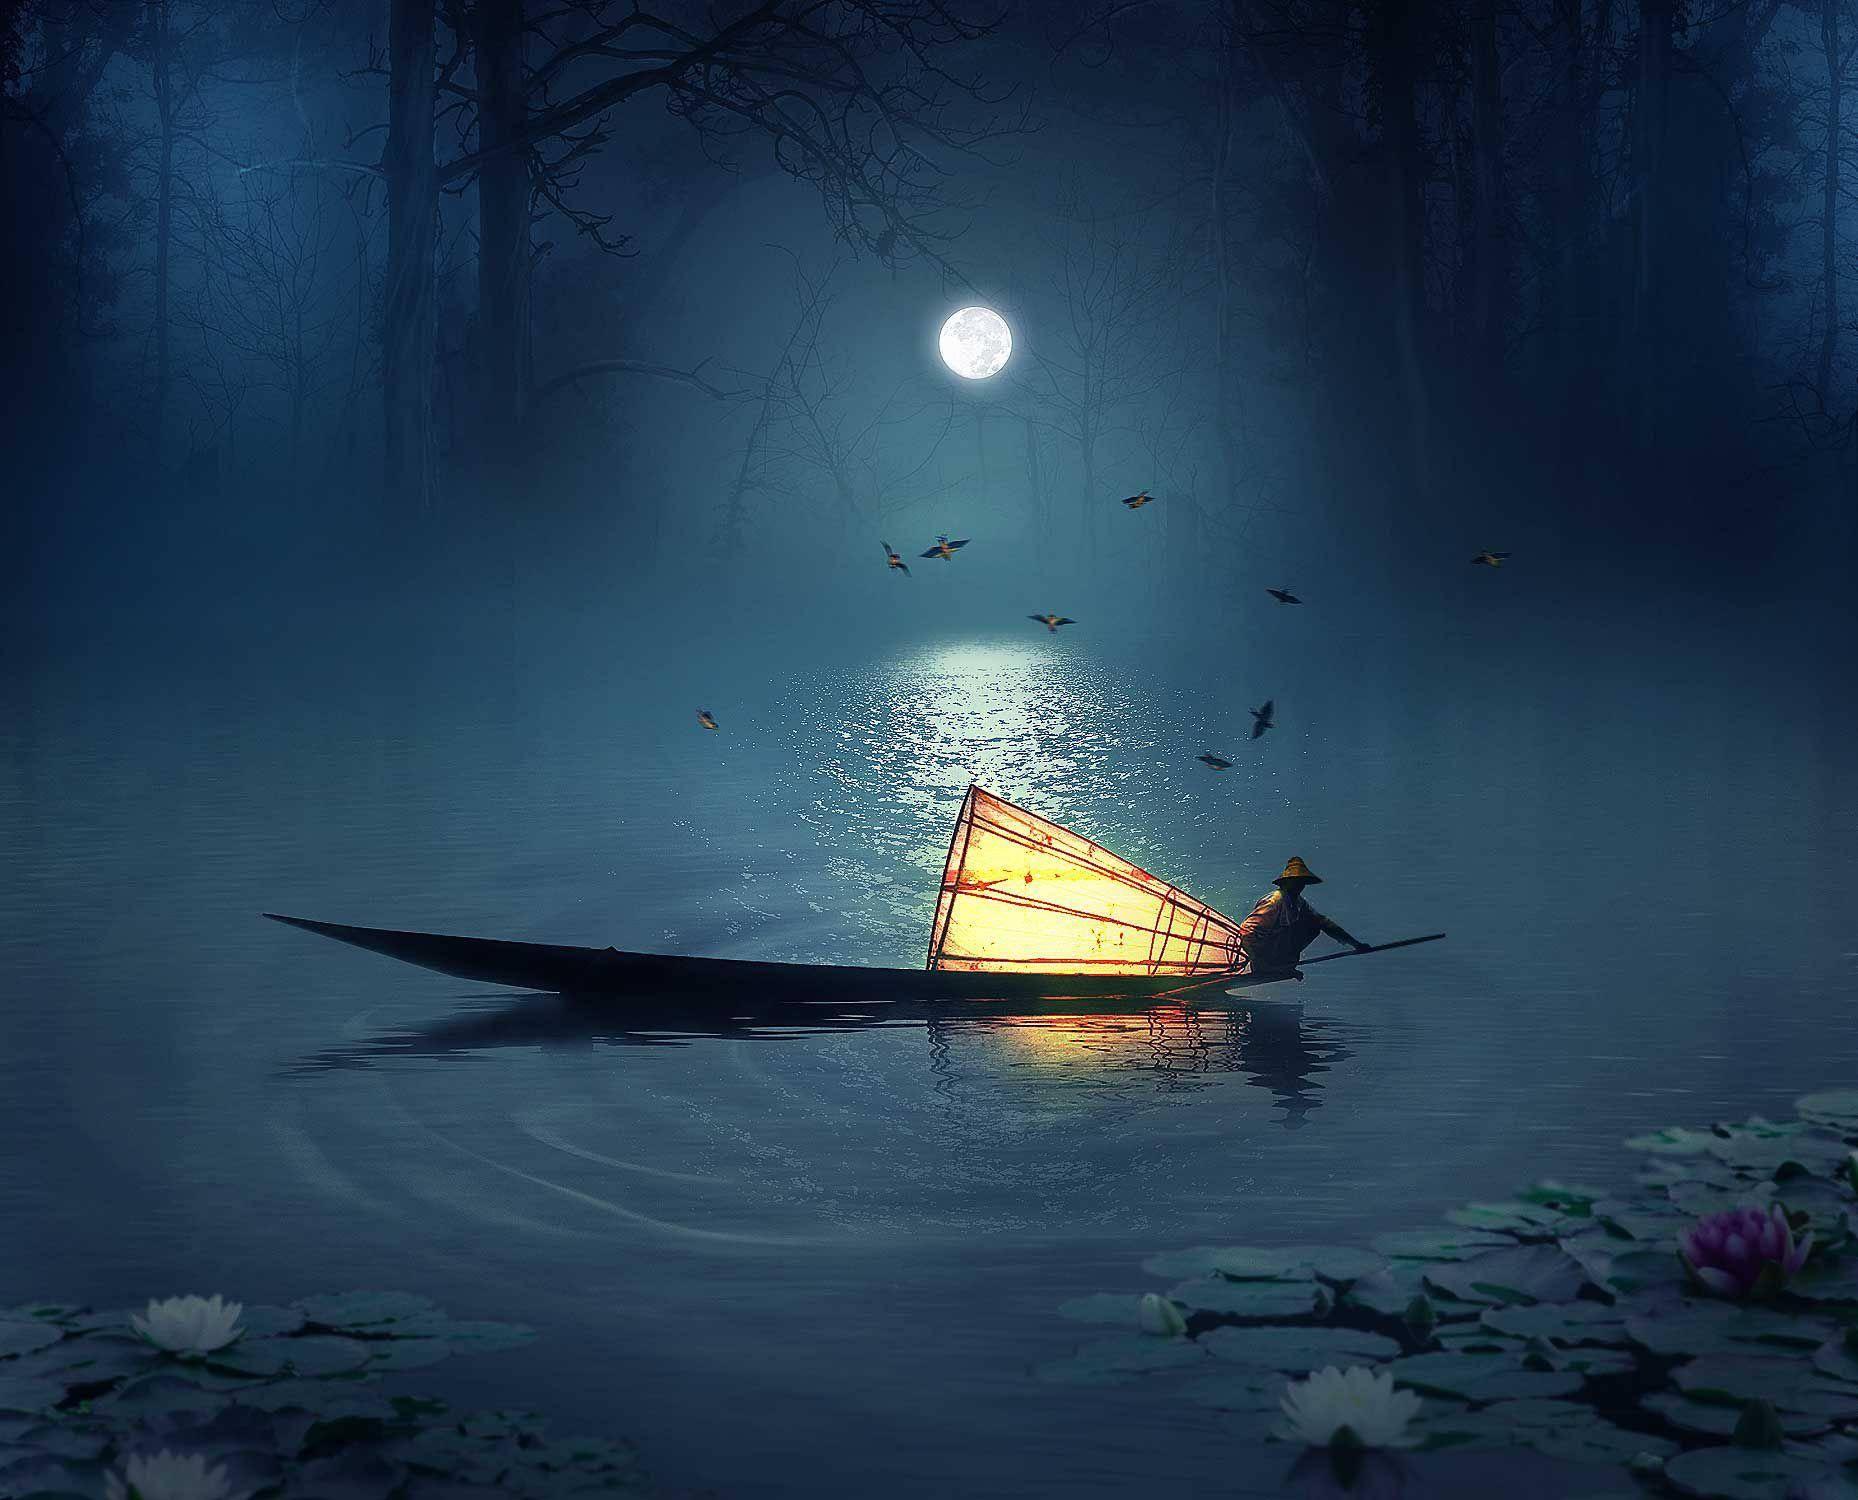 南水秋水夜无烟的南湖指哪里